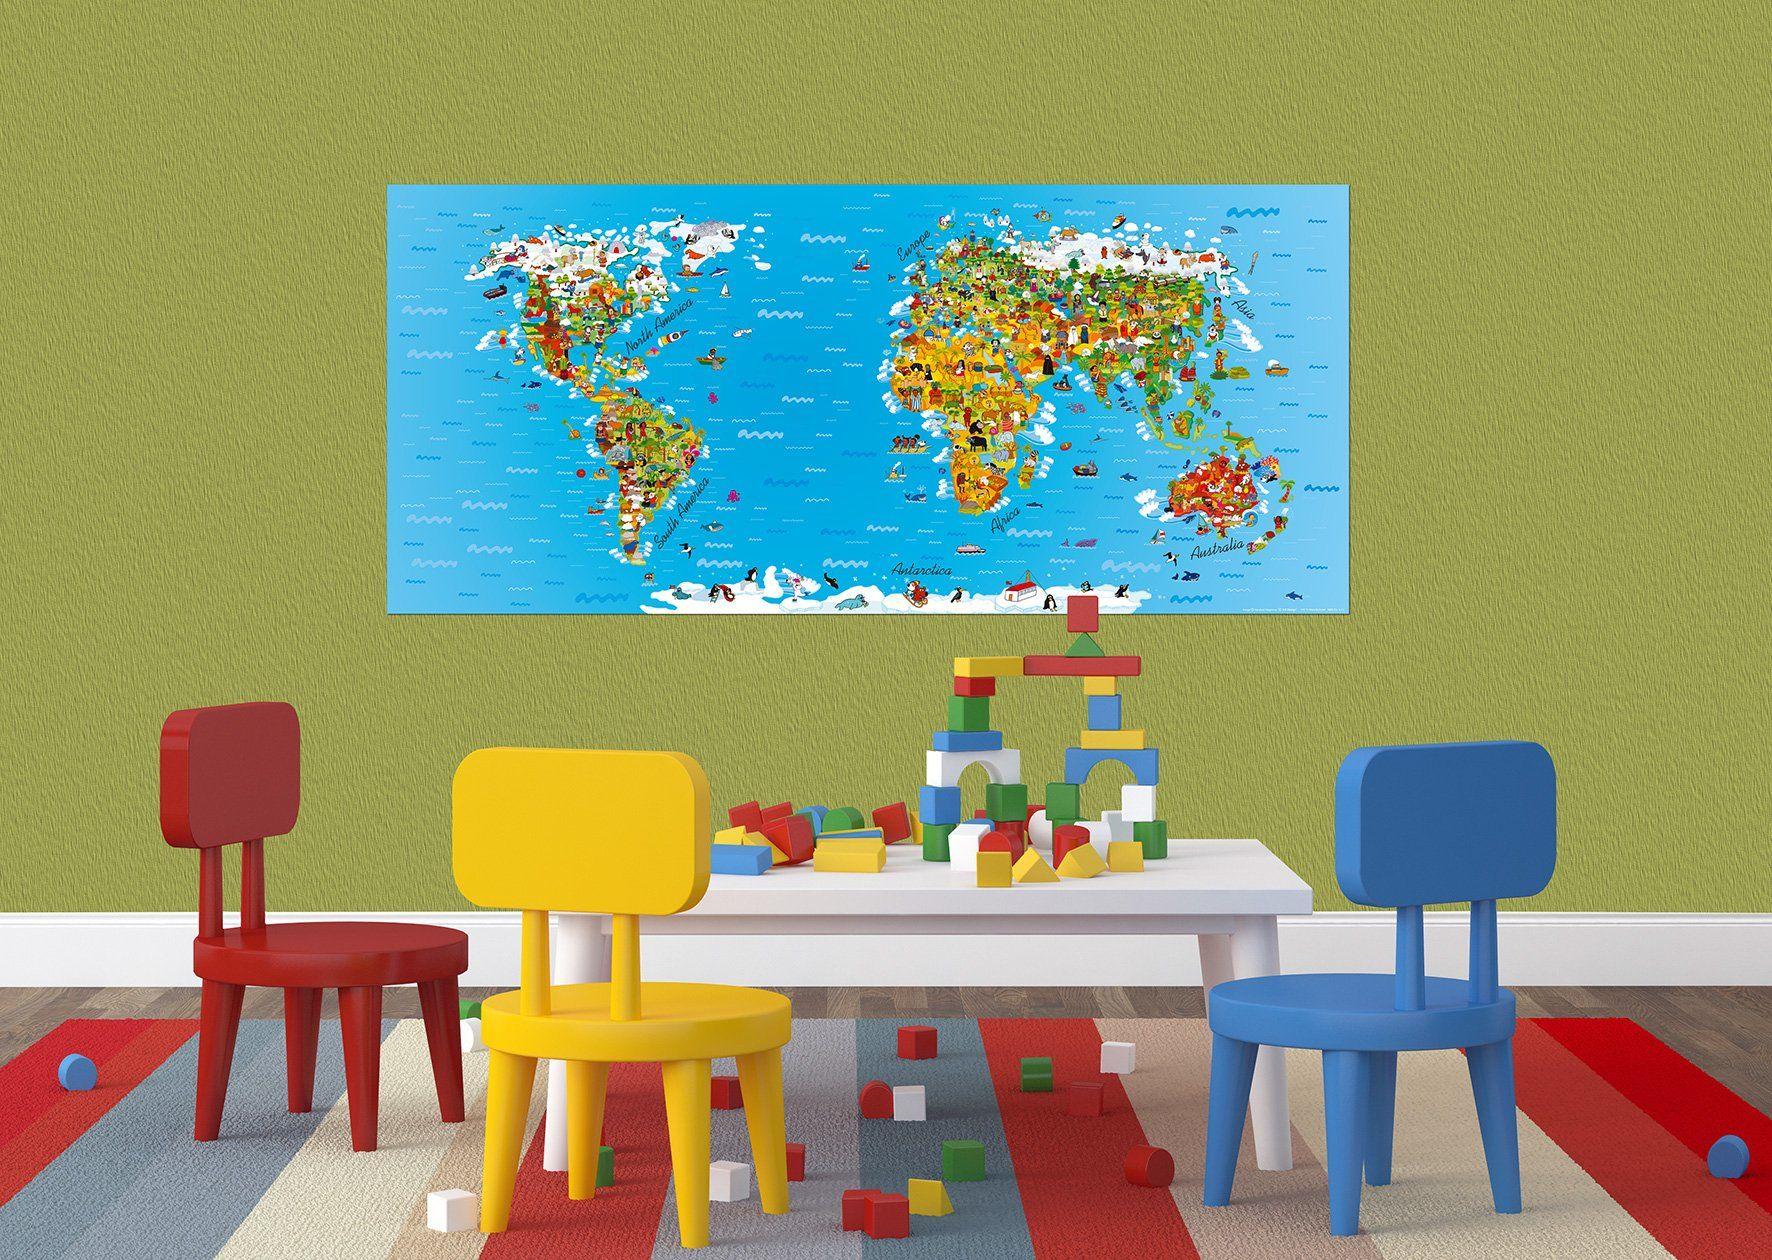 AG Design FTG 0931 mapa świata dla dzieci, papierowa fototapeta do pokoju dziecięcego  202 x 90 cm  1 część, papier, wielokolorowa, 0,1 x 202 x 90 cm